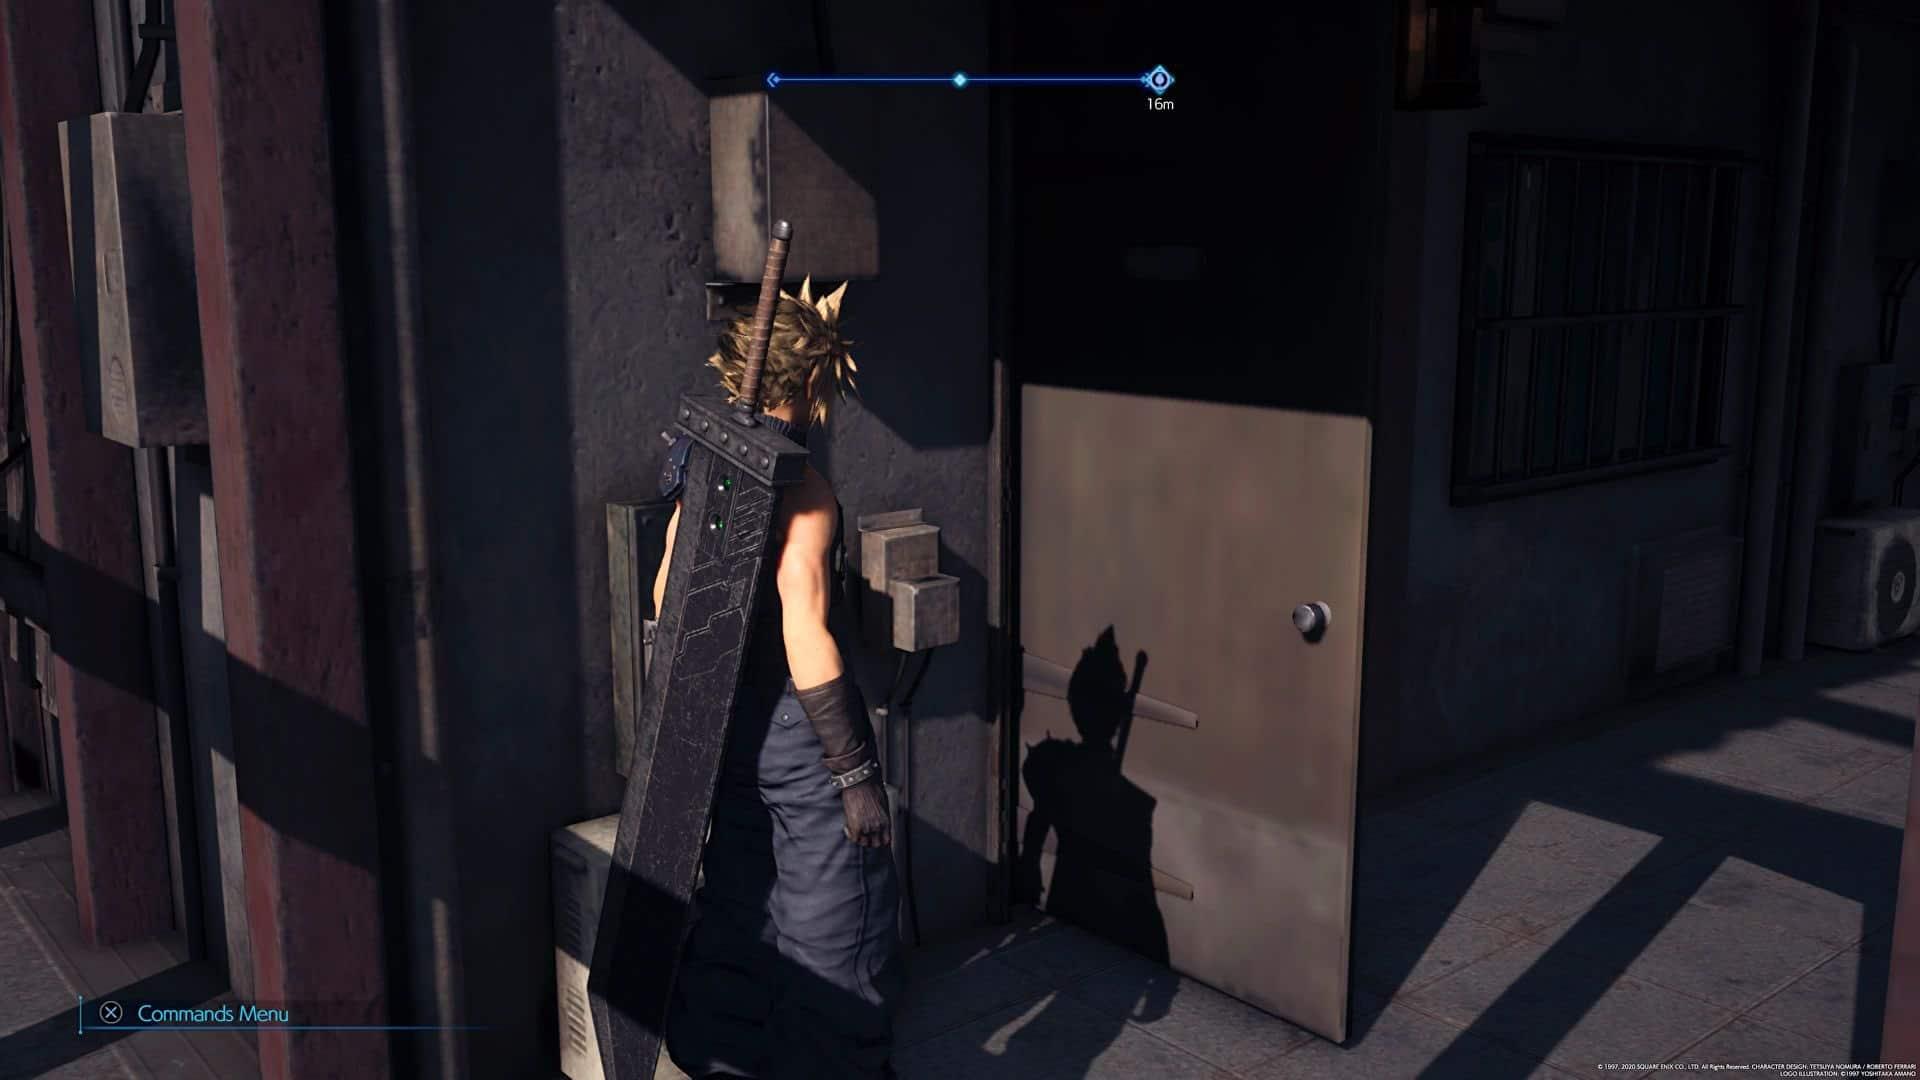 Imagem da matéria de Final Fantasy VII Remake de PS5 com o jogo no PS4 com uma porta com textura de baixa qualidade e o protagonista de lado